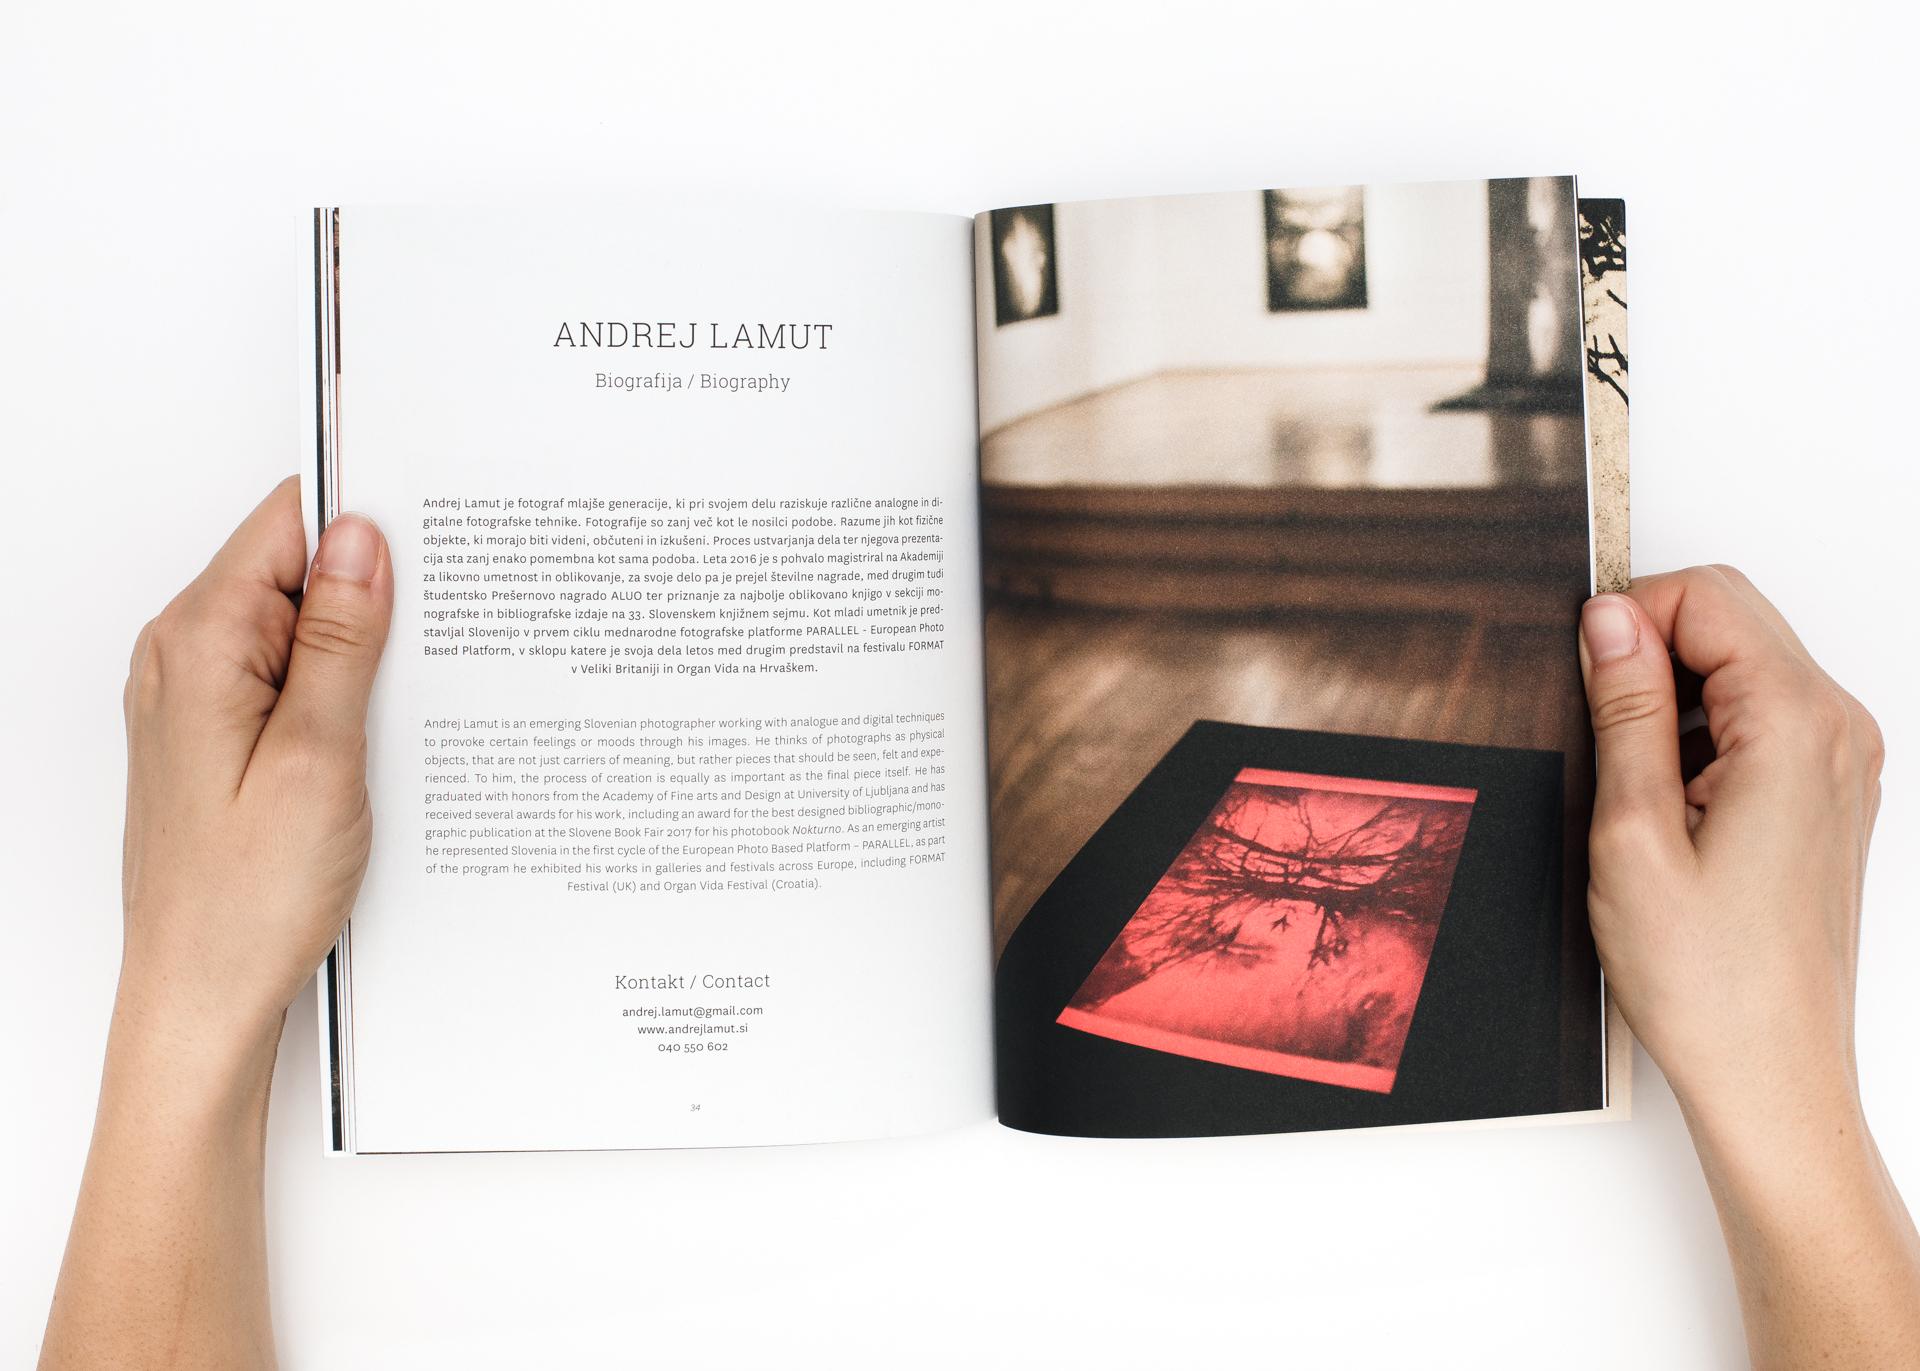 Mnemosis_Katalog_2018_Andrej-Lamut-21.jpg